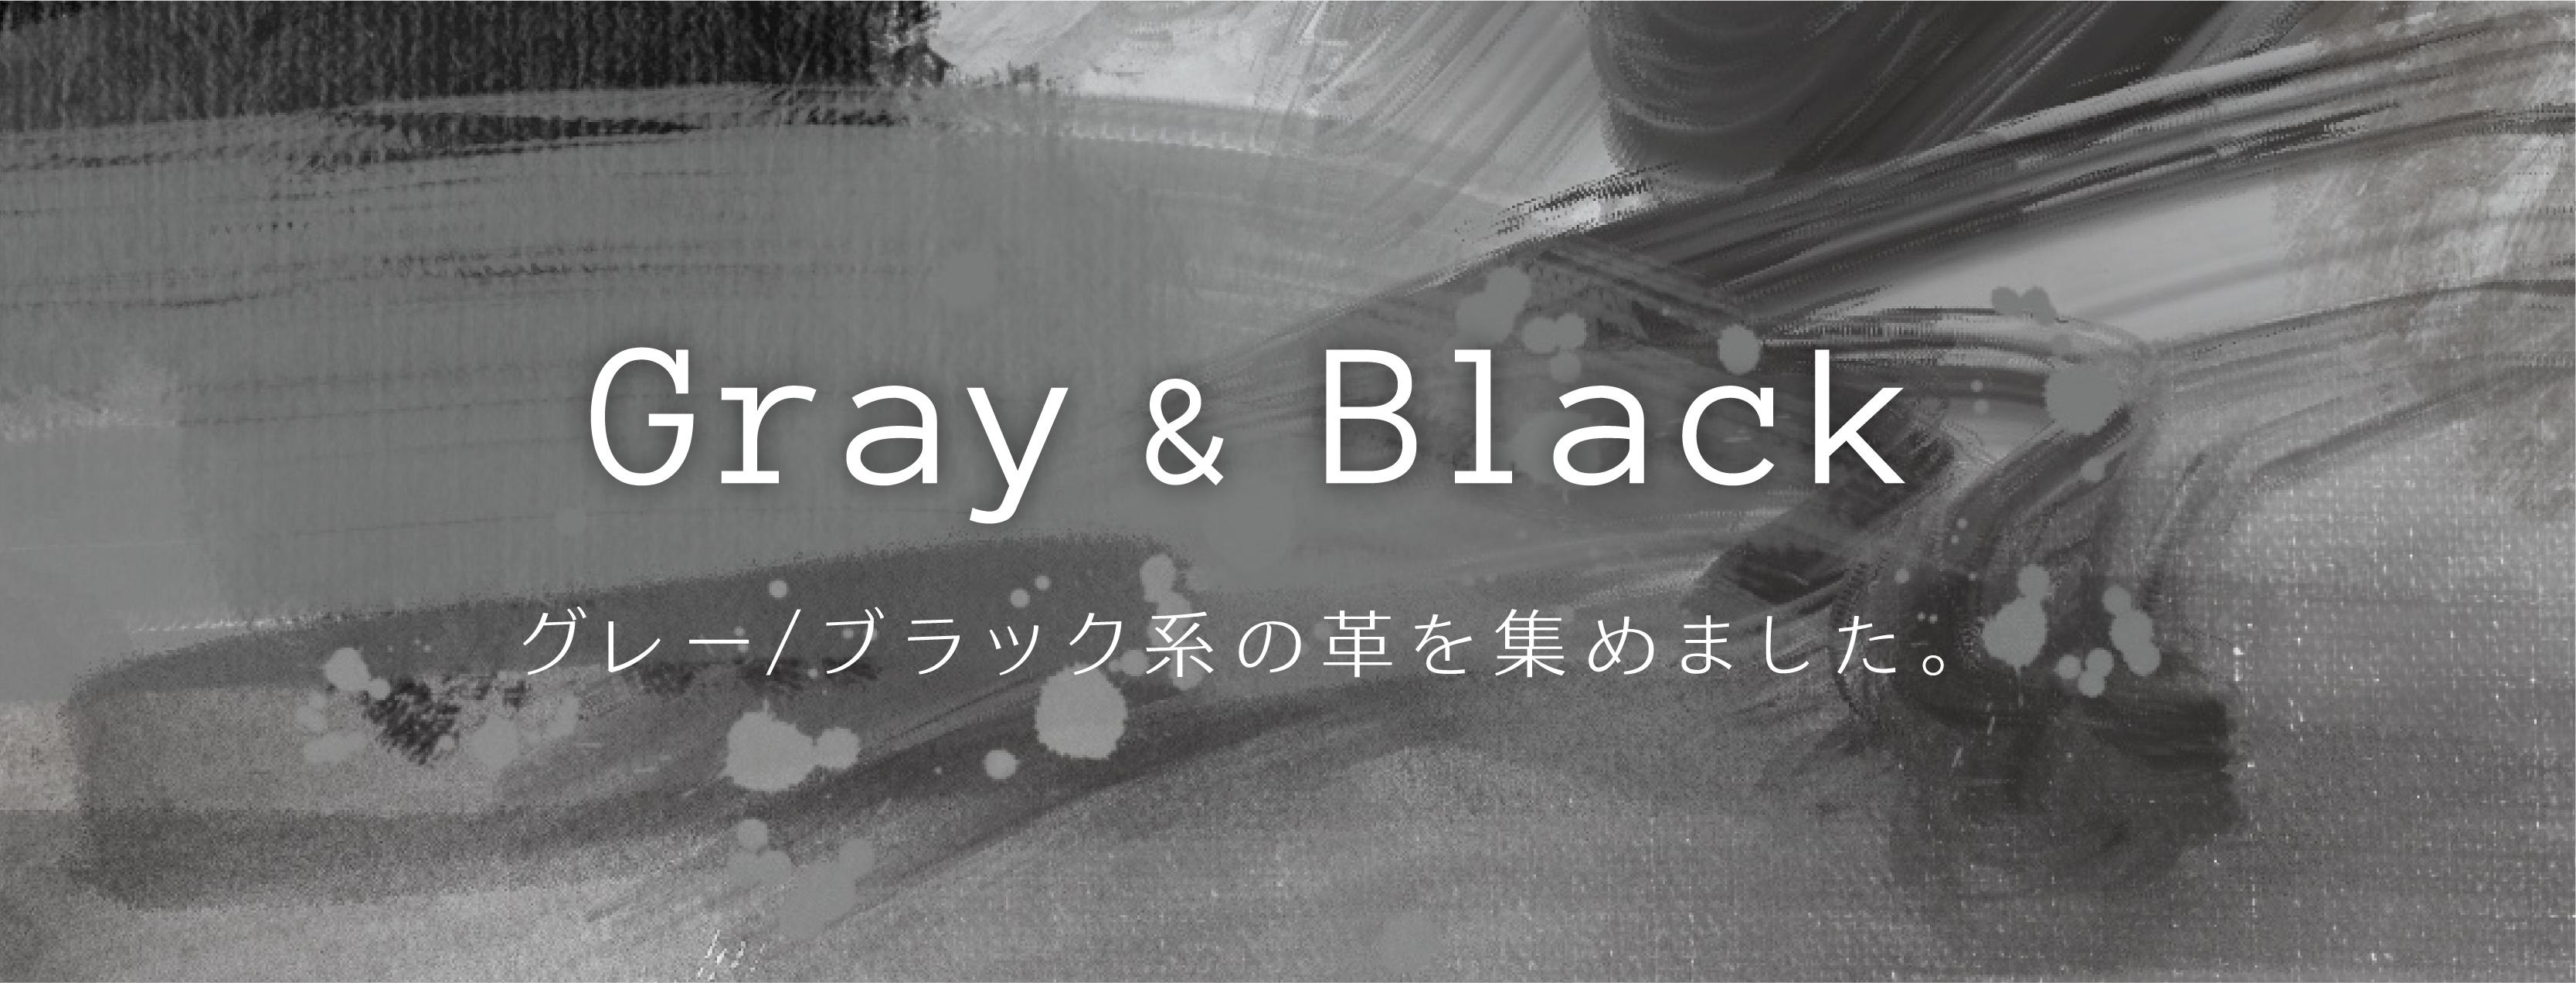 グレー / ブラック系の革を集めました。